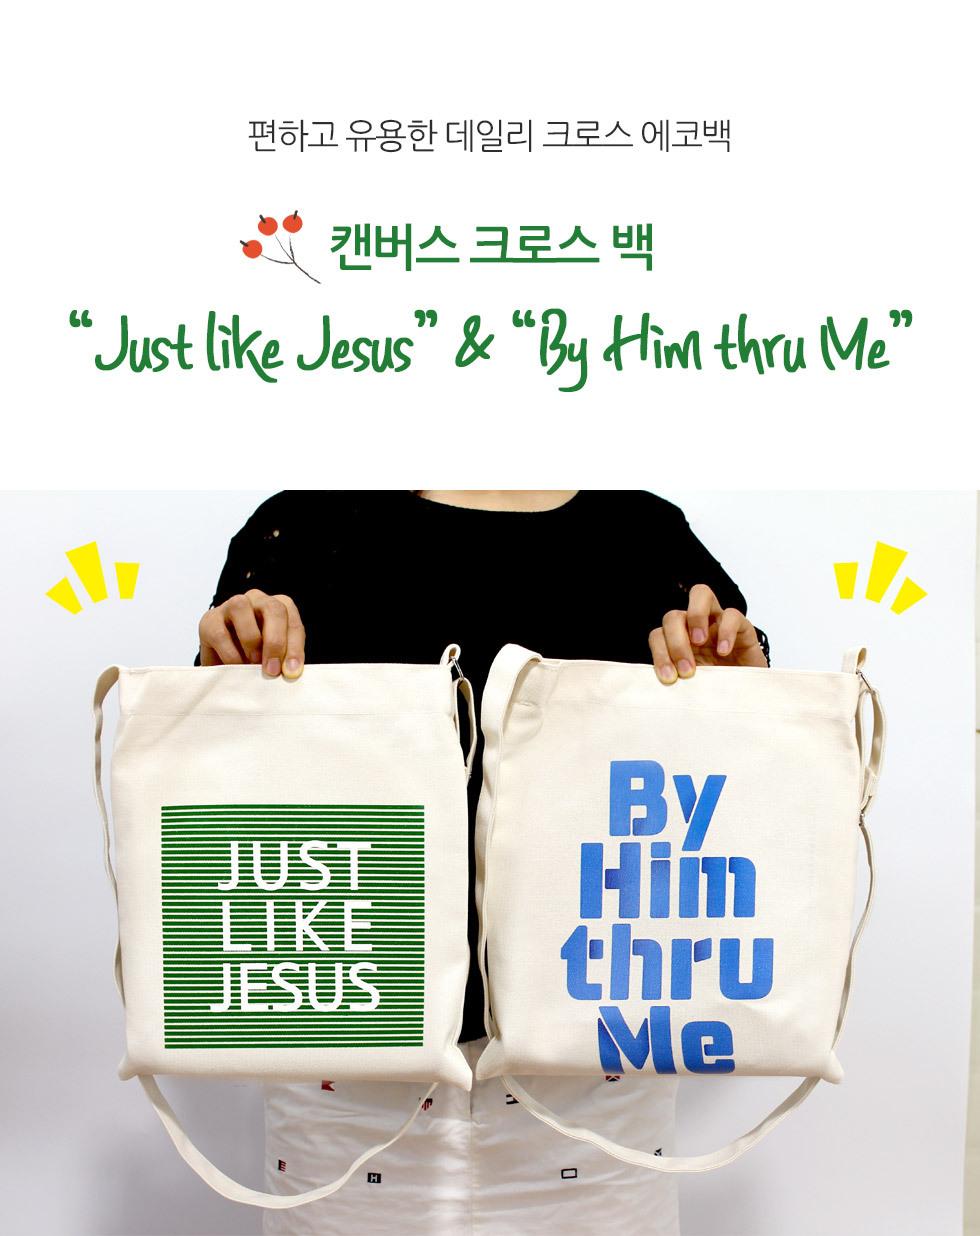 캔버스 크로스백 Just like Jesus, By Him thru Me (지저스,바이힘) 크로스 에코백 교회가방 교회학교 단체가방 보조가방 활용도높은 데일리에코백 캔버스 보조가방